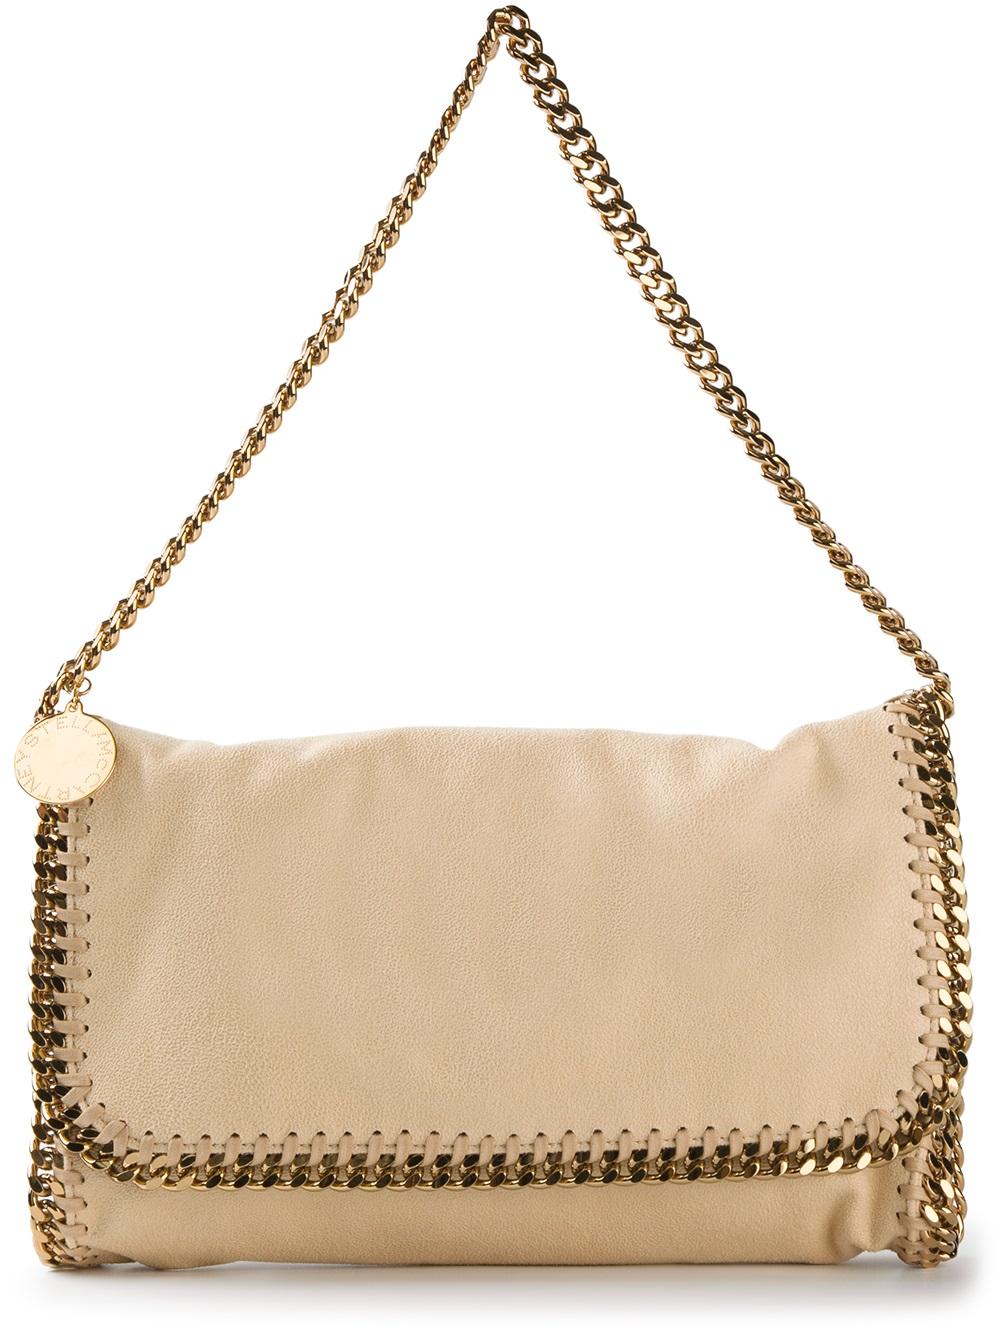 lyst stella mccartney falabella shoulder bag in natural. Black Bedroom Furniture Sets. Home Design Ideas